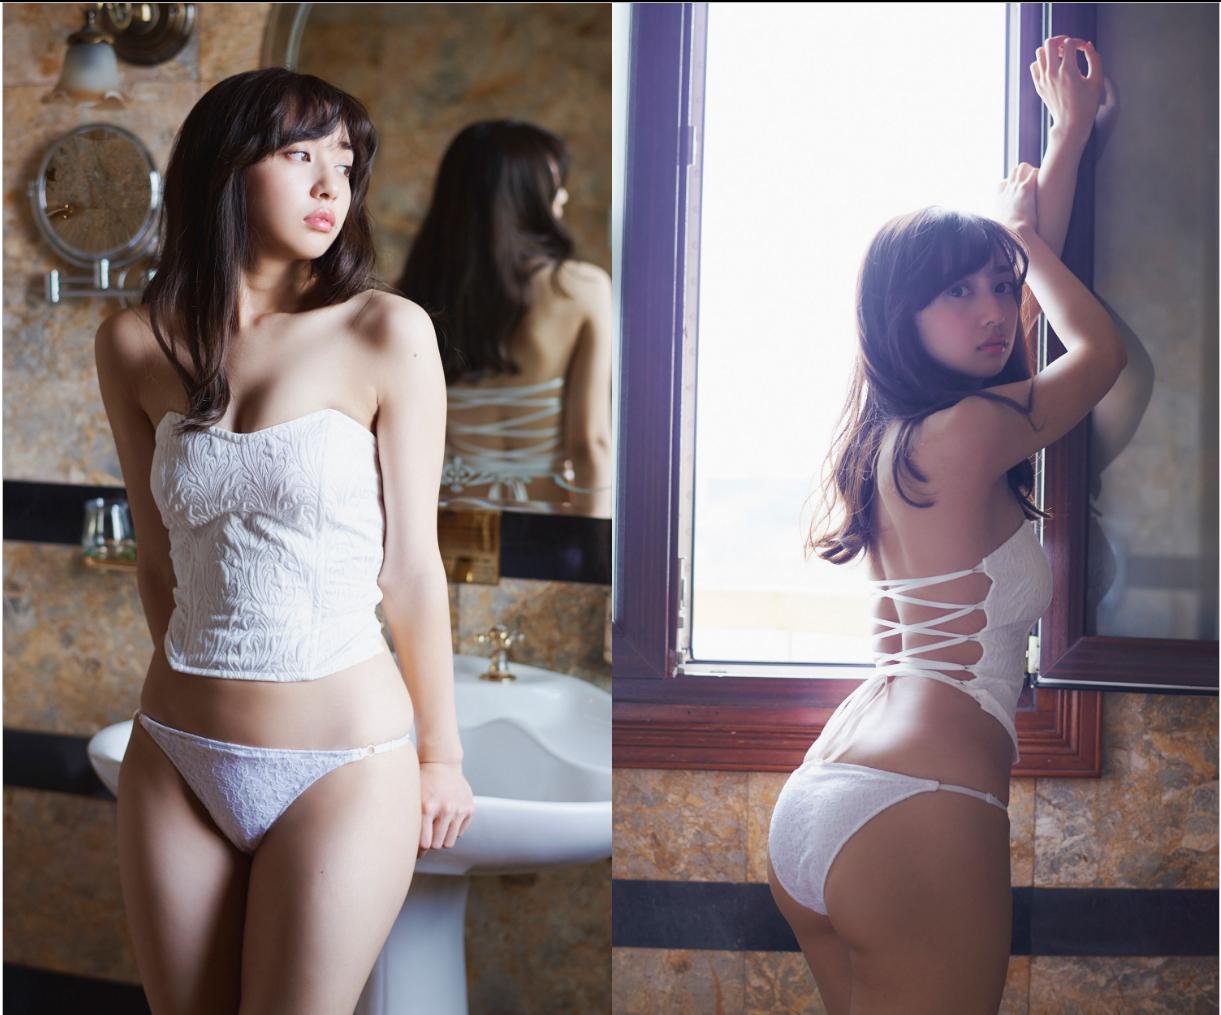 小宫有纱 ARISA007